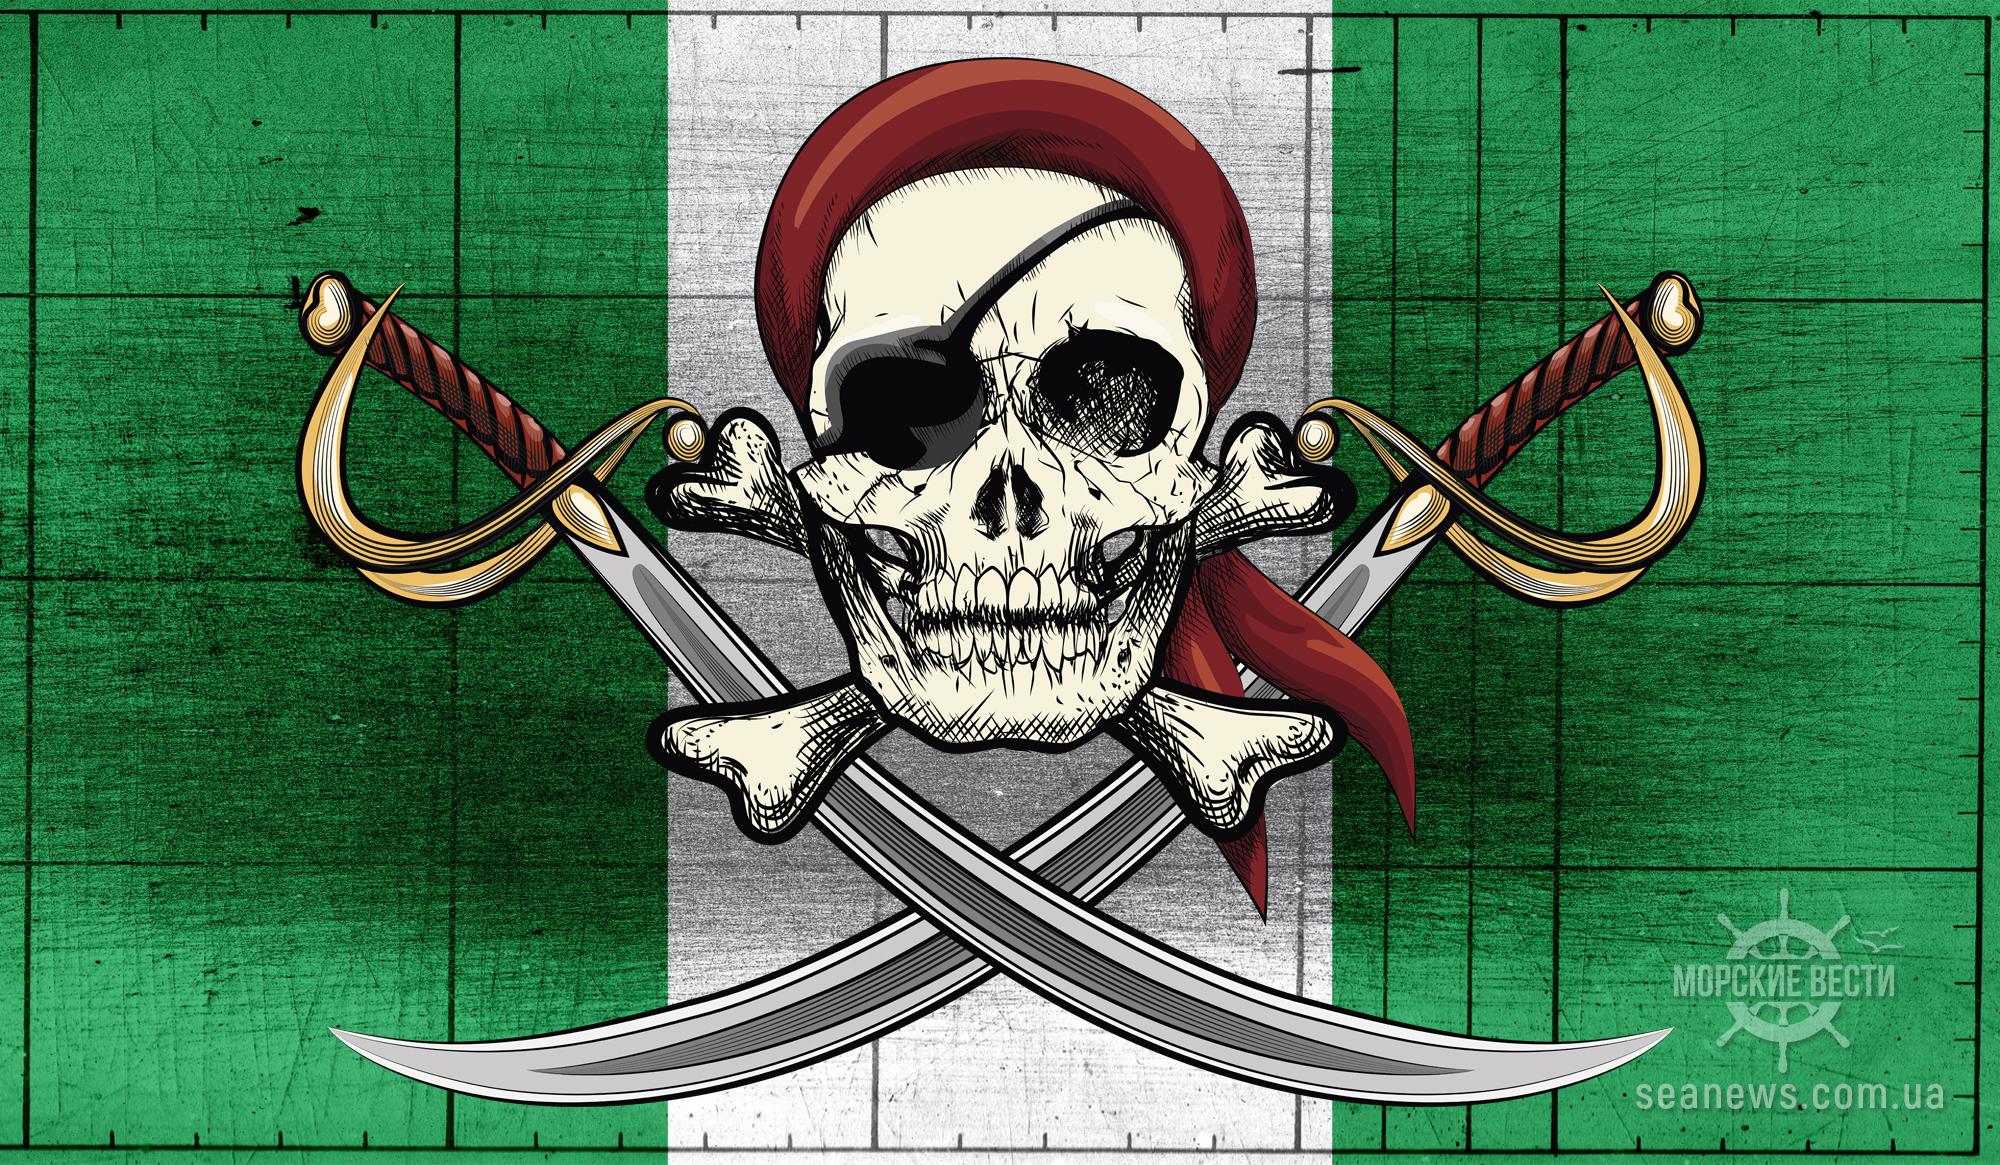 Нигерия впервые выносит приговор пиратам в соответствии с новым морским законом